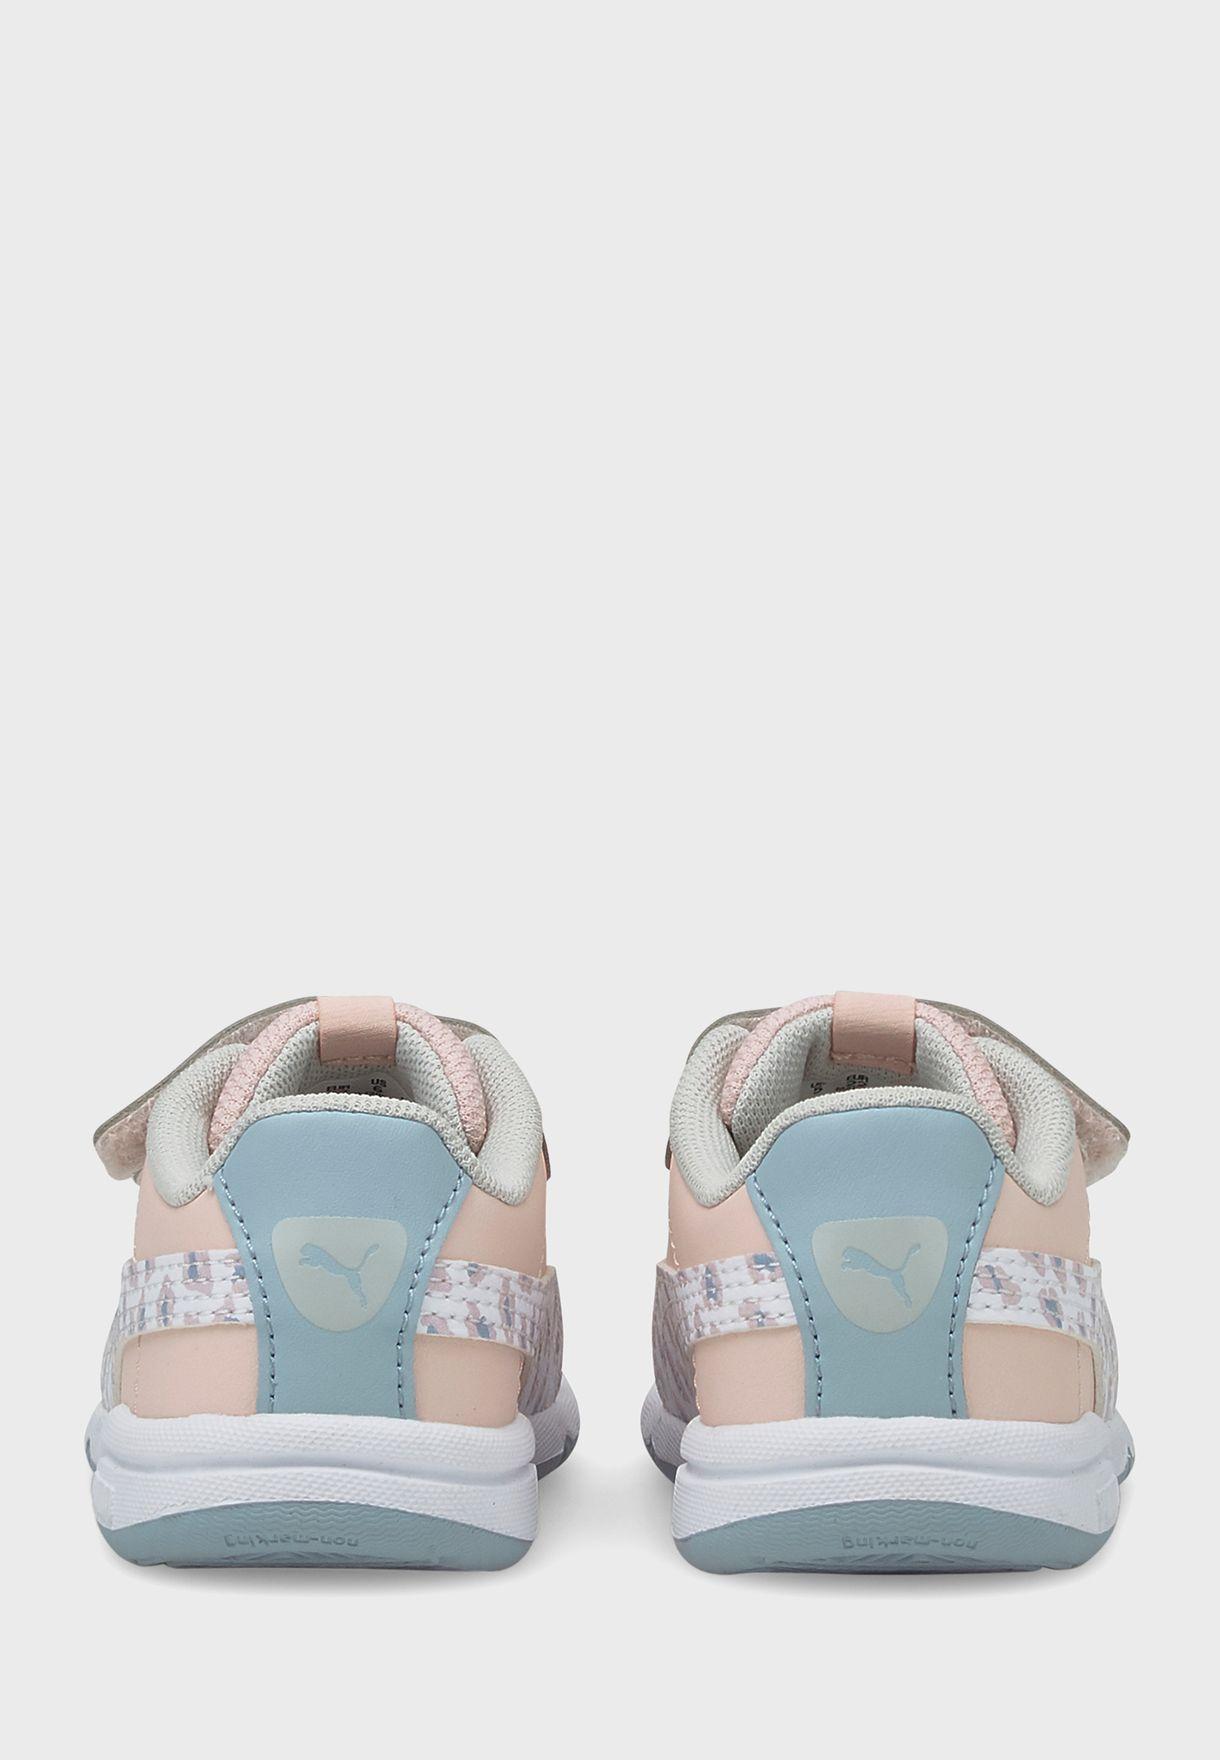 حذاء ستيبفليكس 2 اس اي في رور في